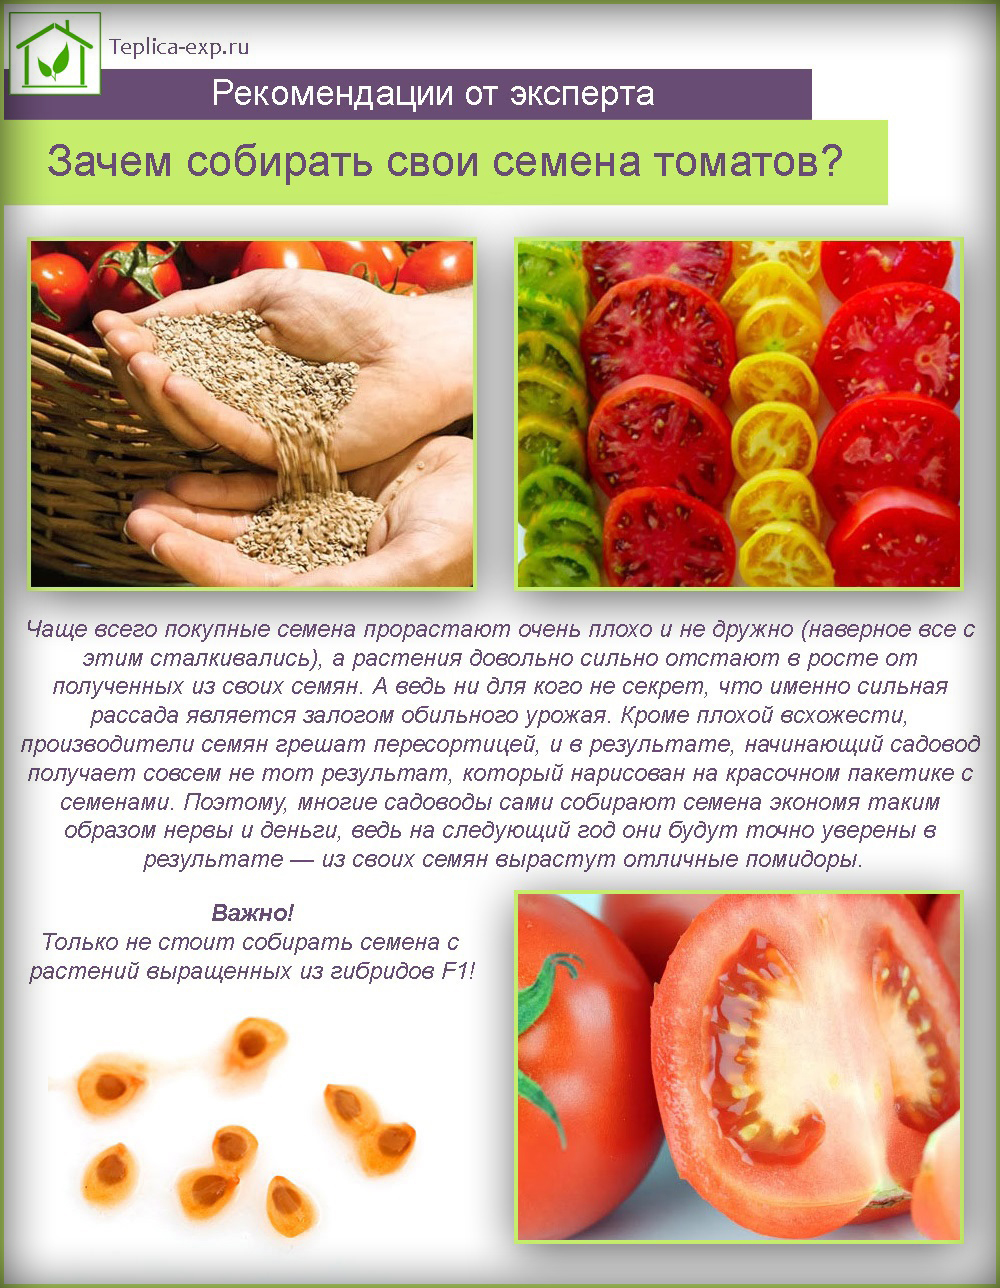 Зачем собирать свои семена помидоров